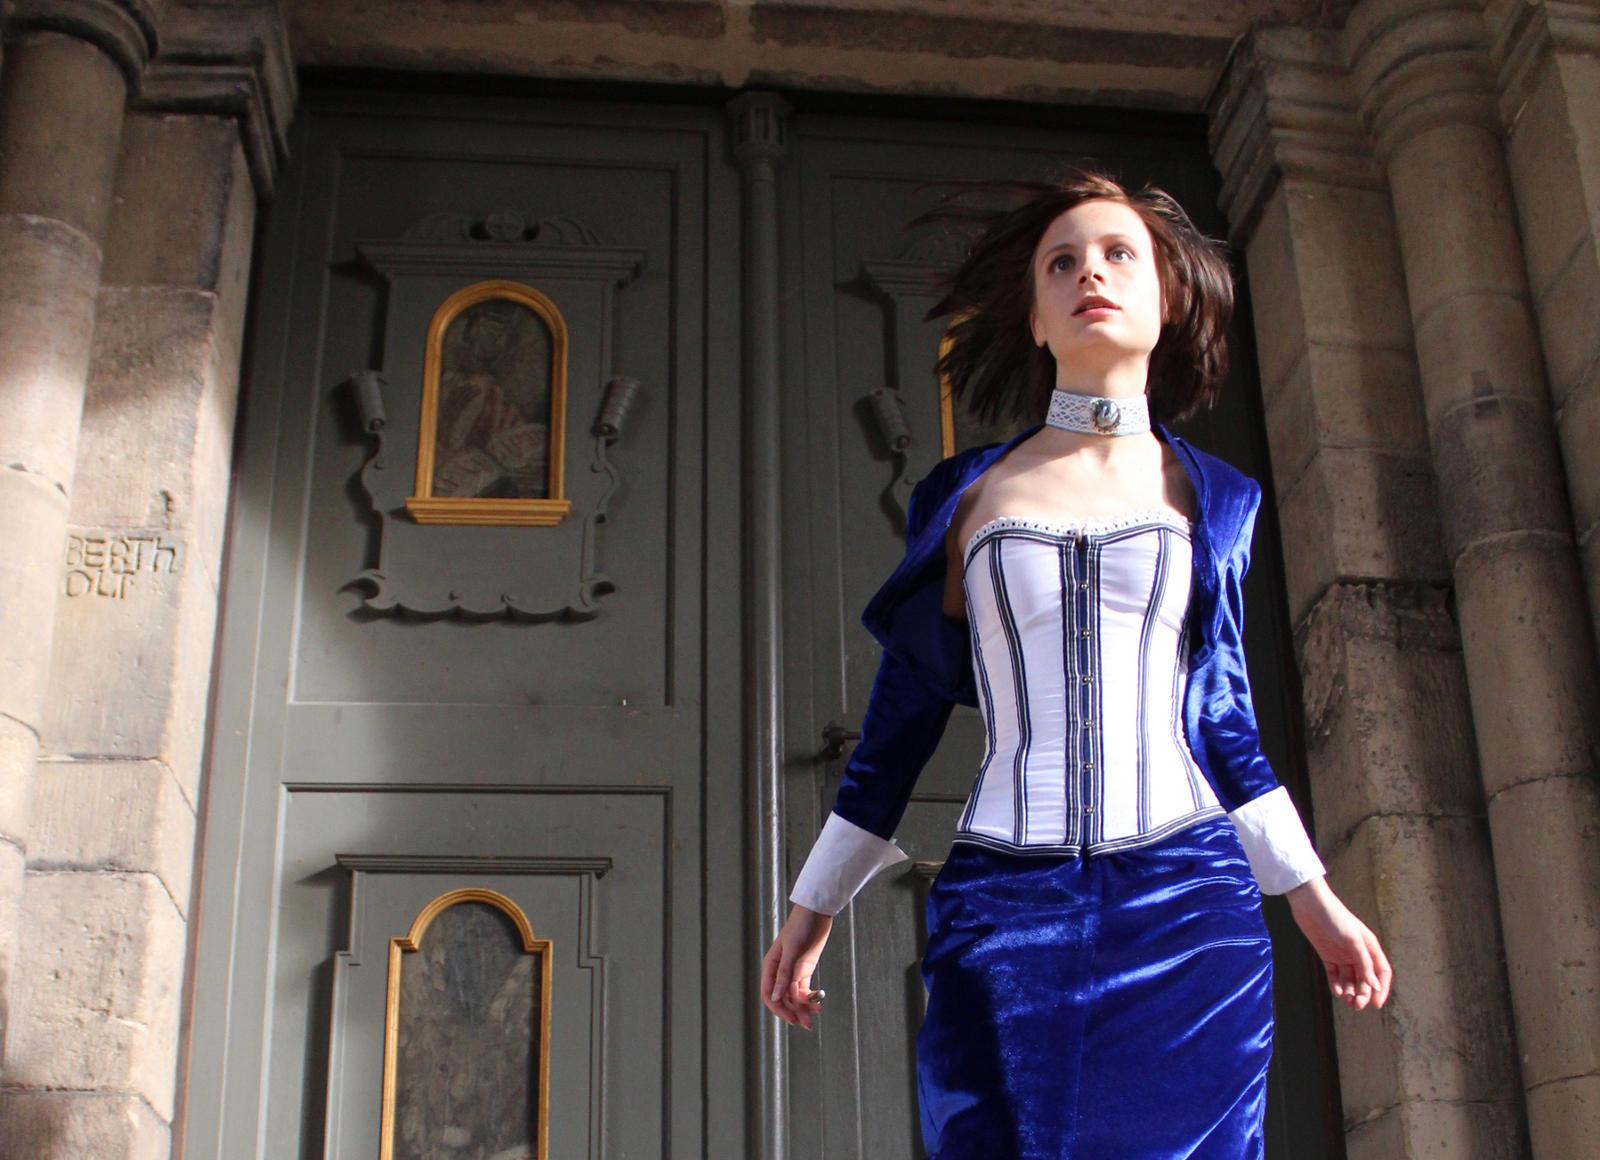 Elizabeth by Yordaniella